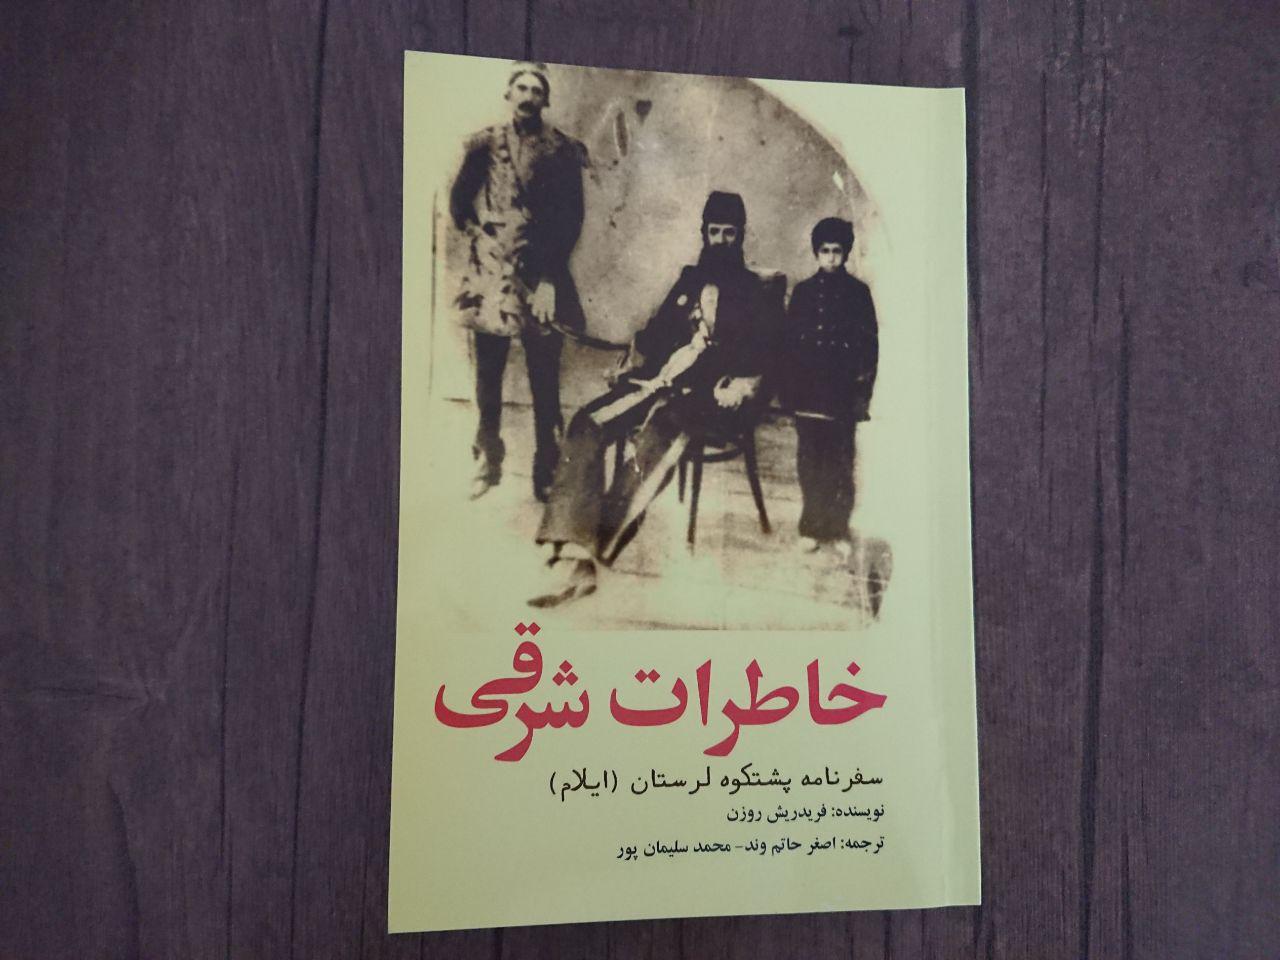 نگاهی به زبان و جغرافیای تاریخی پشتکوه